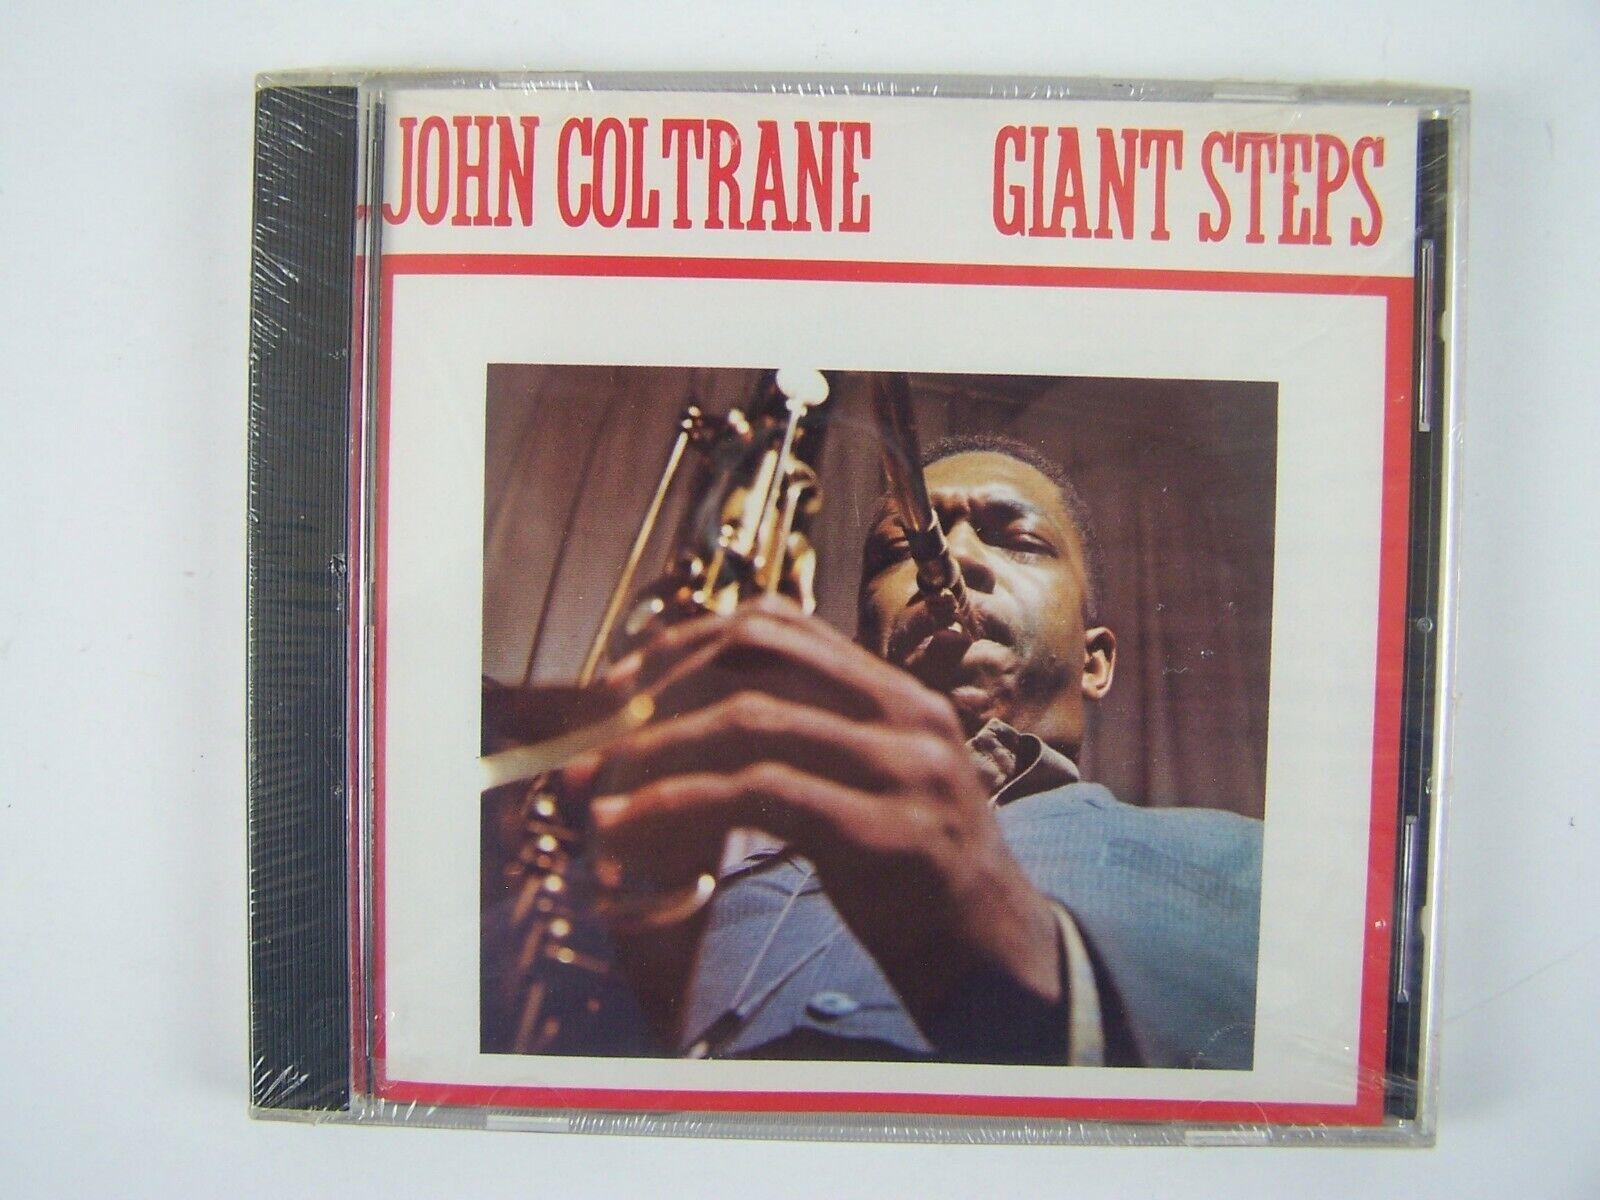 John Coltrane - Giant Steps CD NEW Sealed